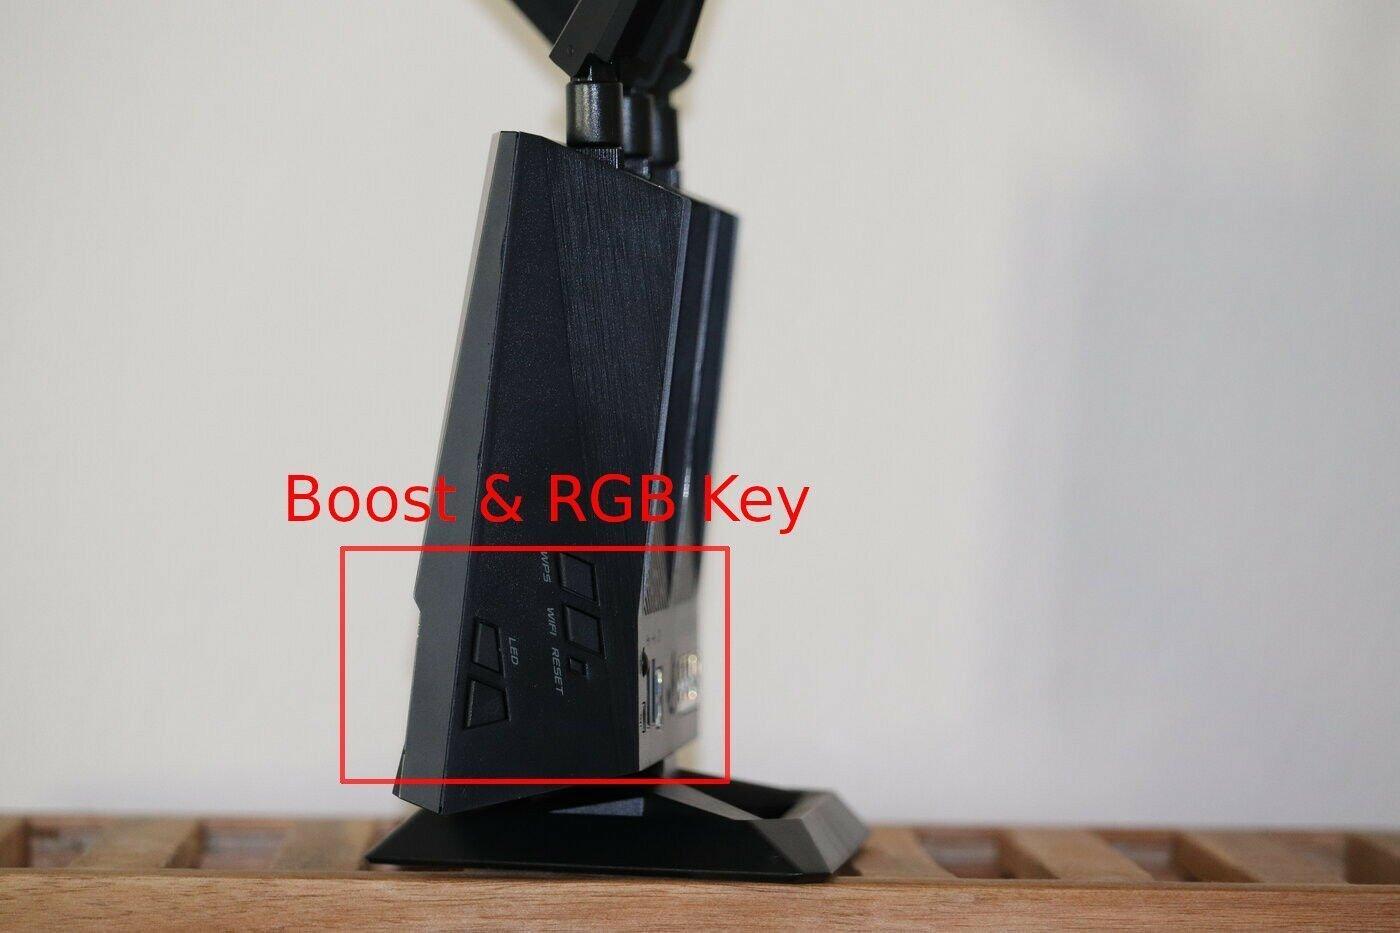 ASUS RG Key